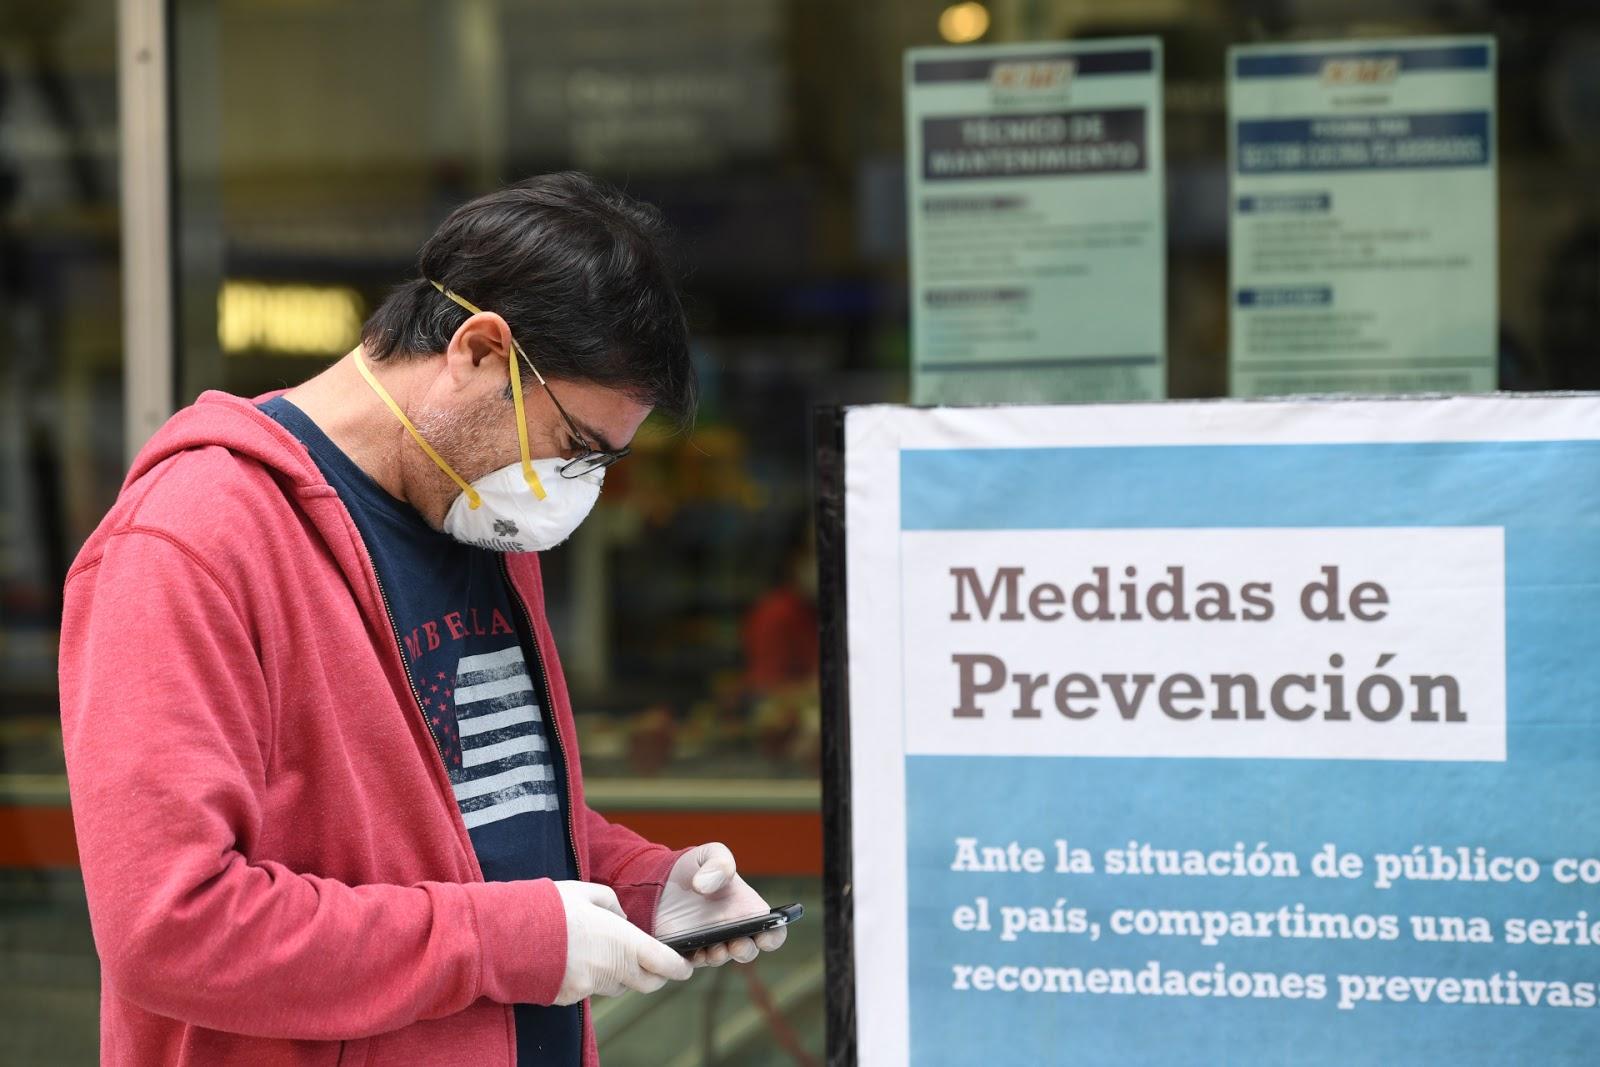 Coronavirus en Argentina: Suman 260 las víctimas fatales y 4.887 los infectados en el país